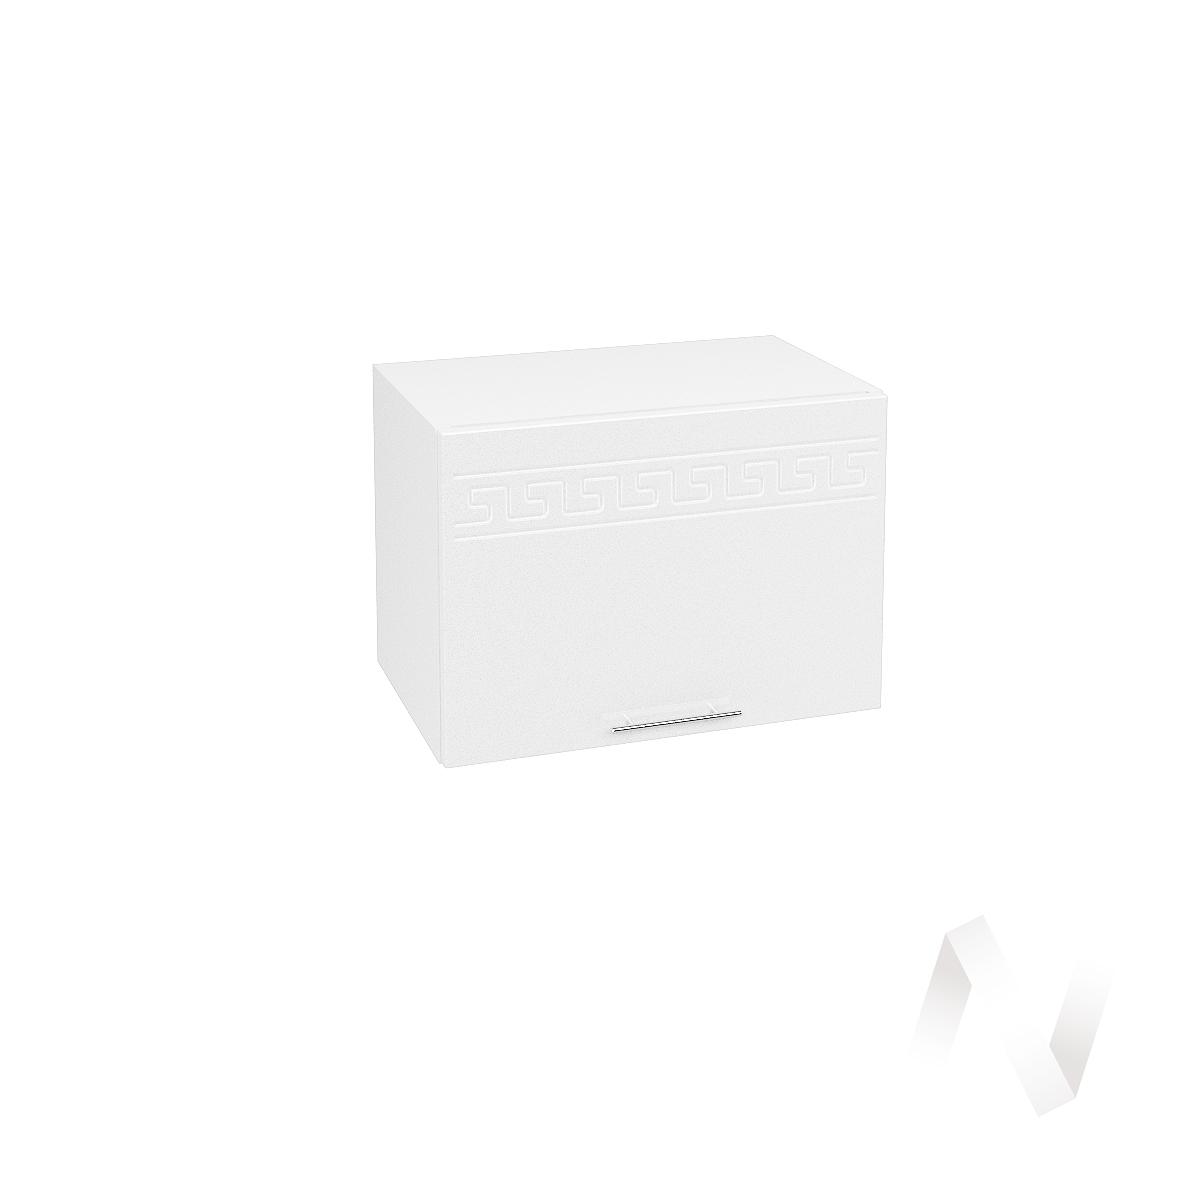 """Кухня """"Греция"""": Шкаф верхний горизонтальный 500, ШВГ 500 (белый металлик/корпус белый)  в Новосибирске - интернет магазин Мебельный Проспект"""